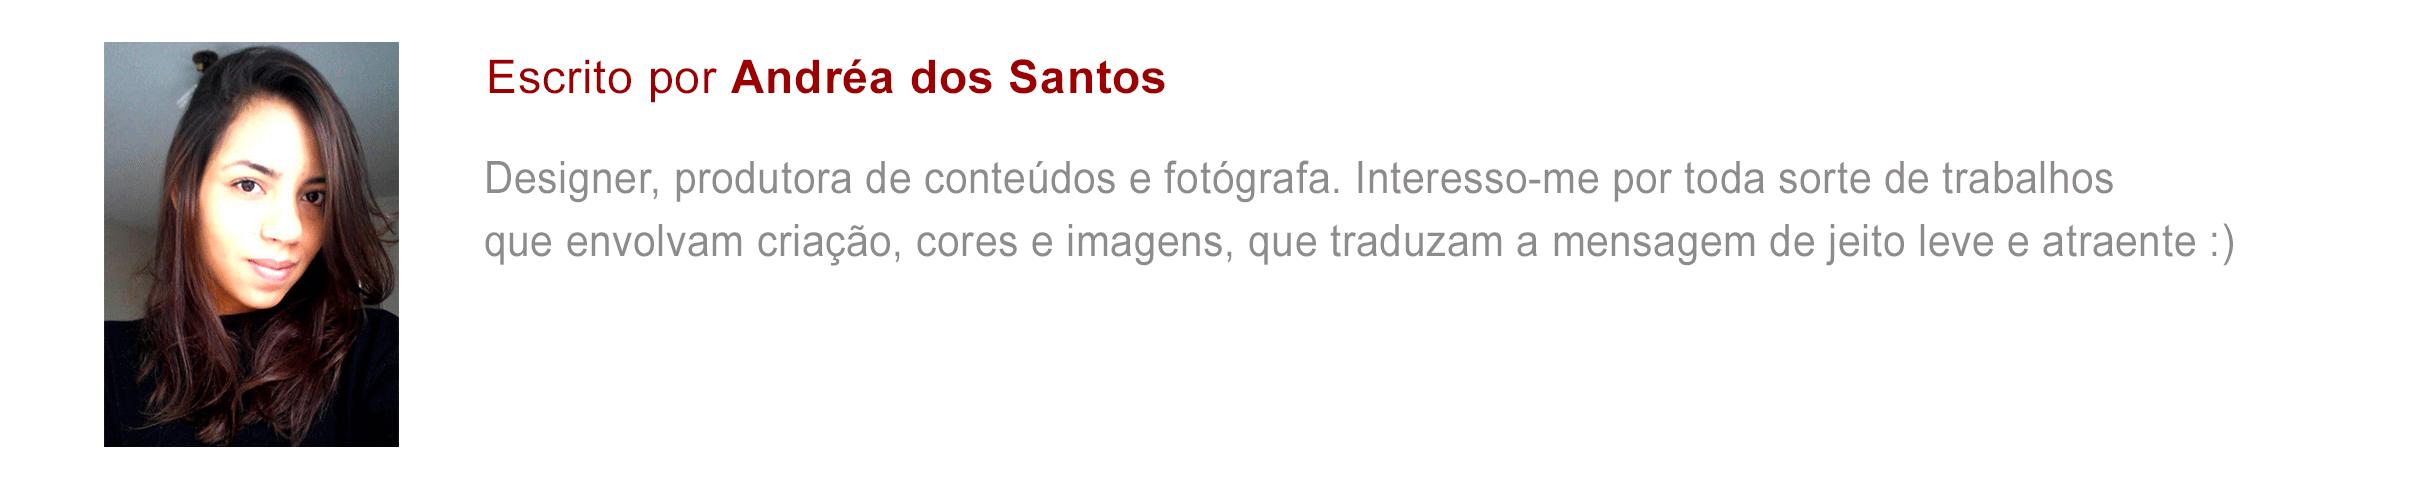 @andreasantdos designer, produtora de conteúdo e fotógrafa